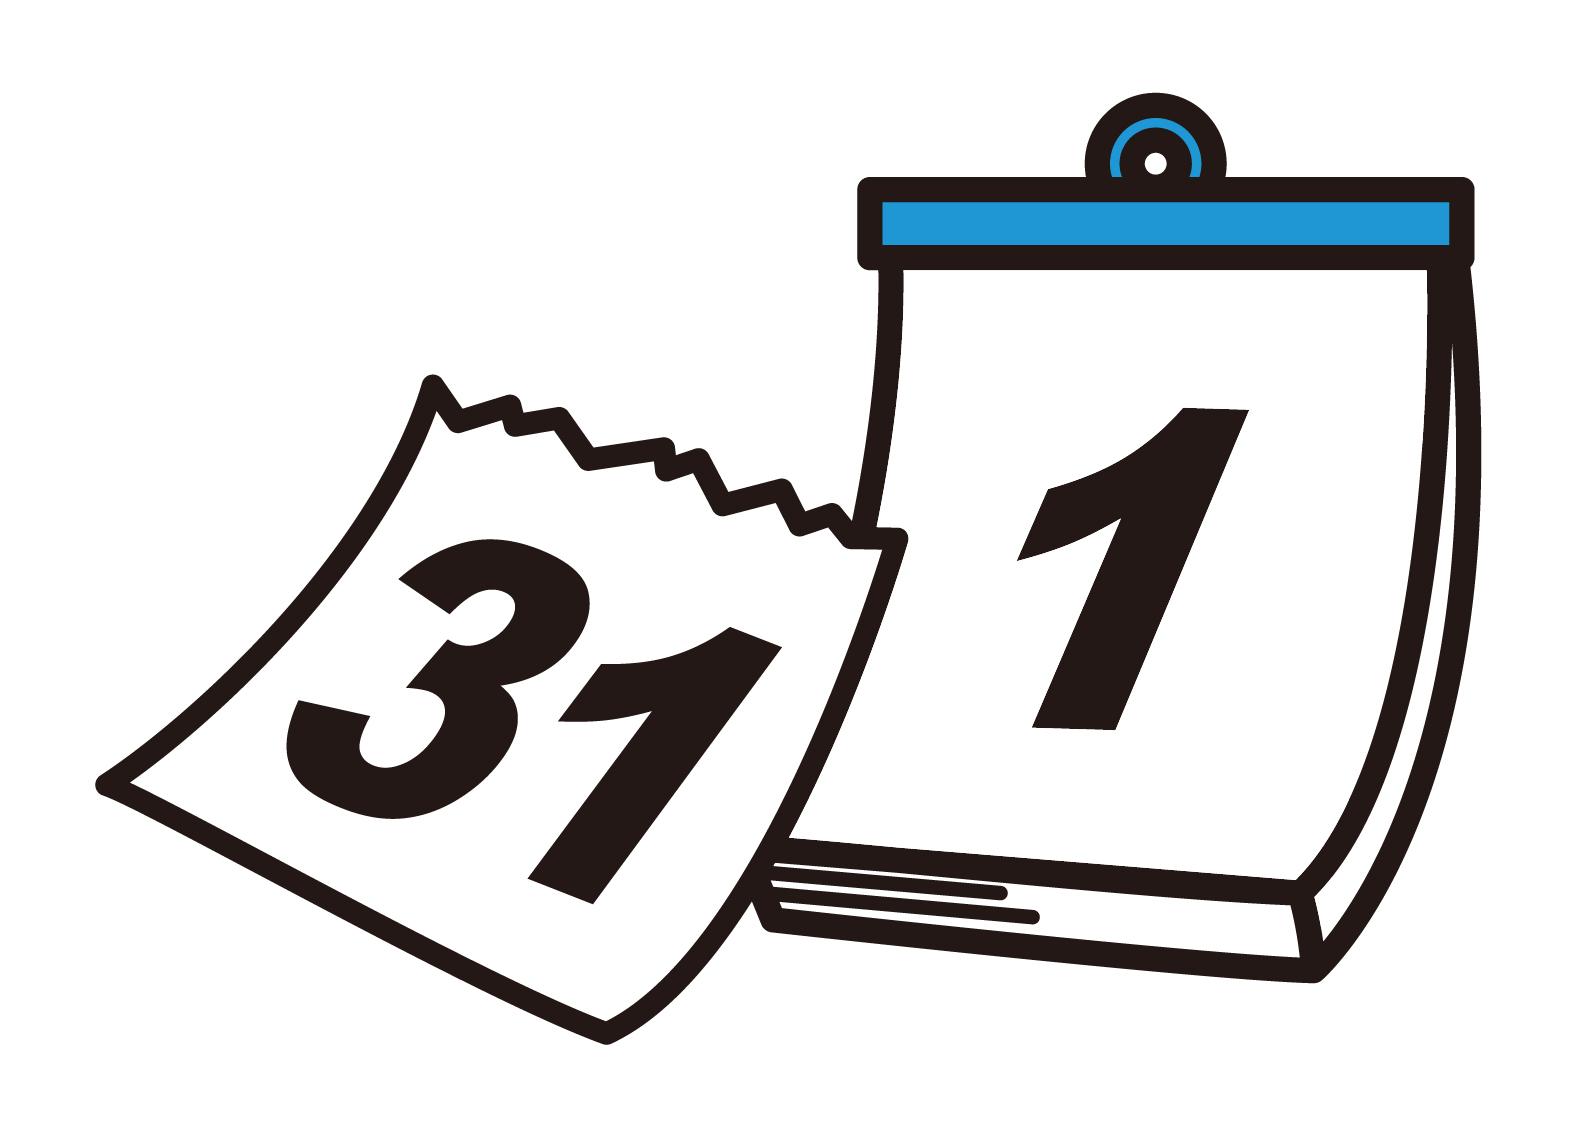 31日がめくられているカレンダーの画像